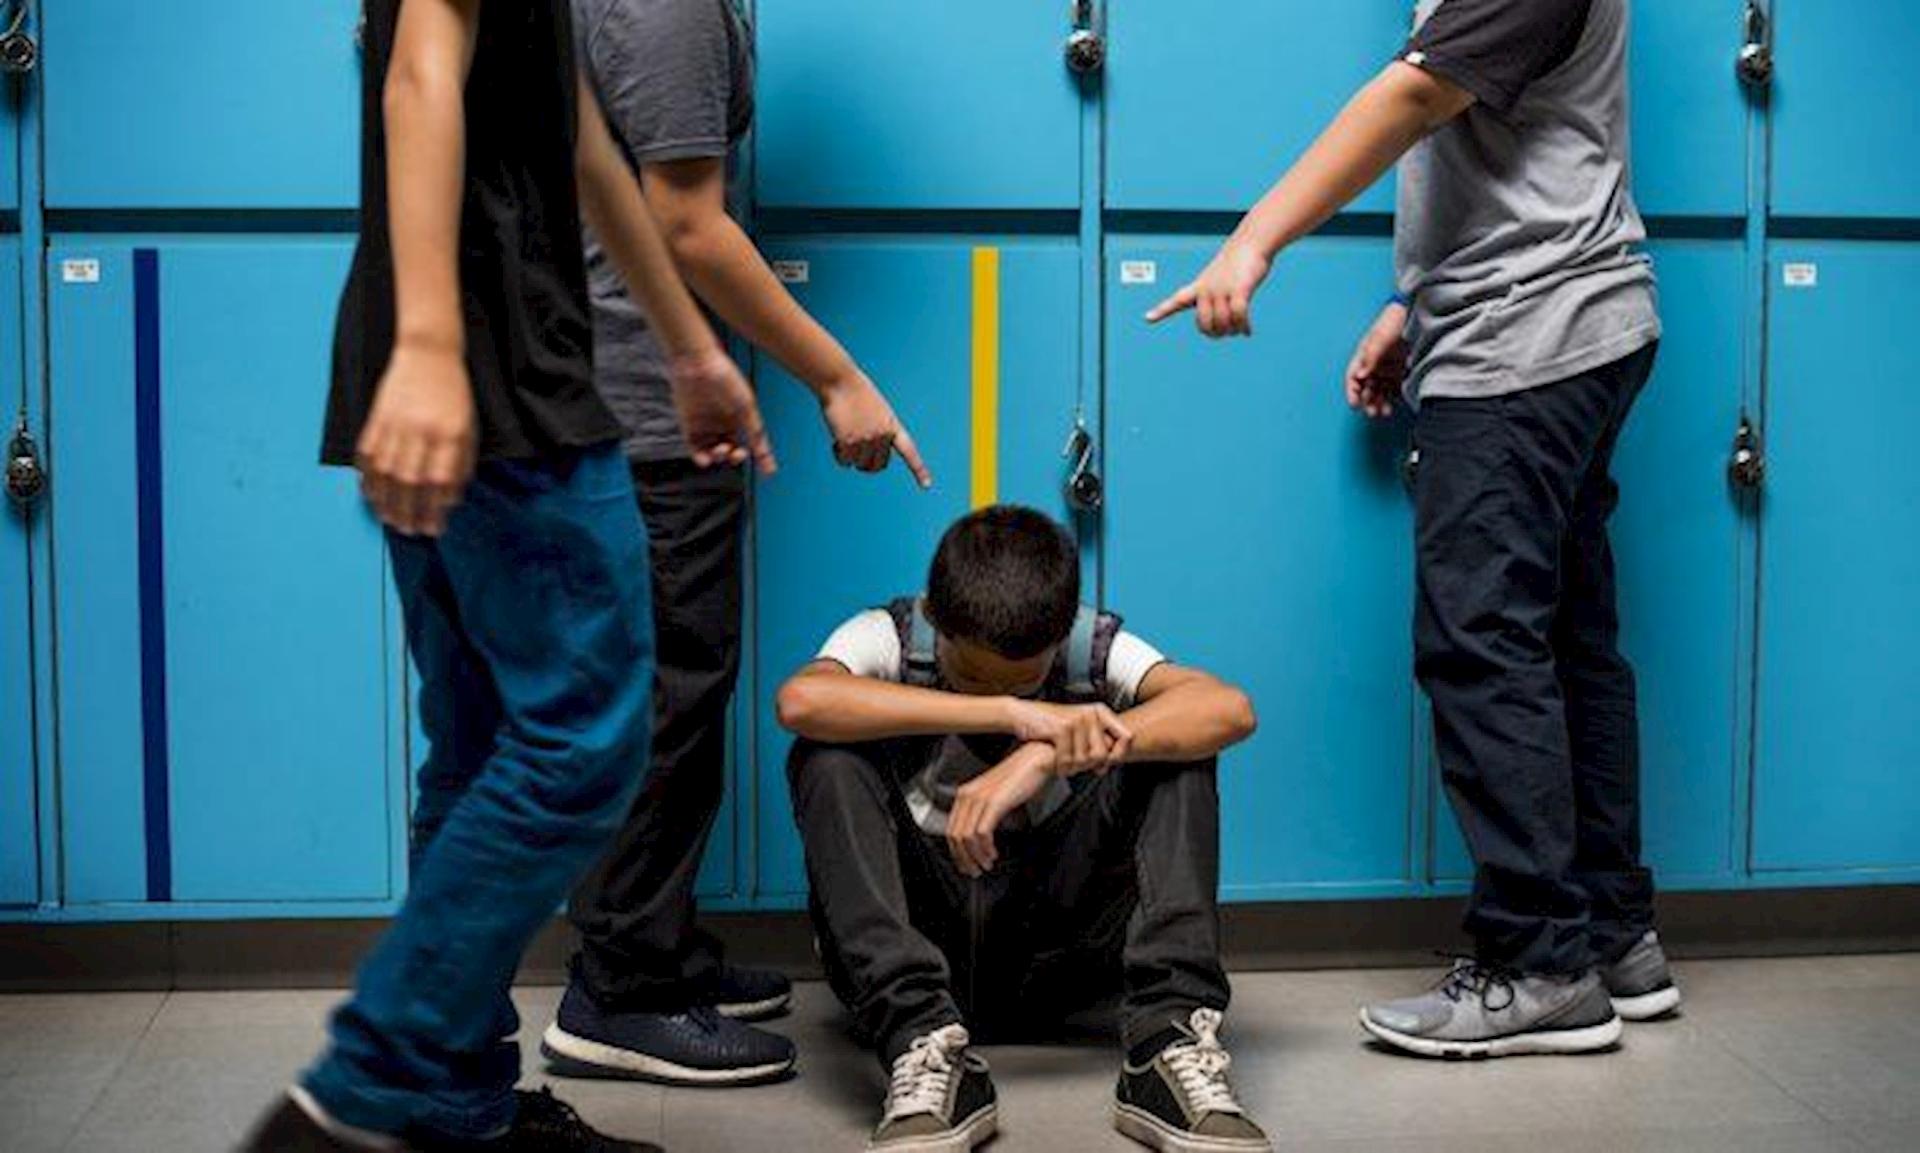 Điểm danh 4 kiểu bắt nạt học đường mà con thường giấu nhẹm không dám kể với bố mẹ vì sợ hãi - Ảnh 1.